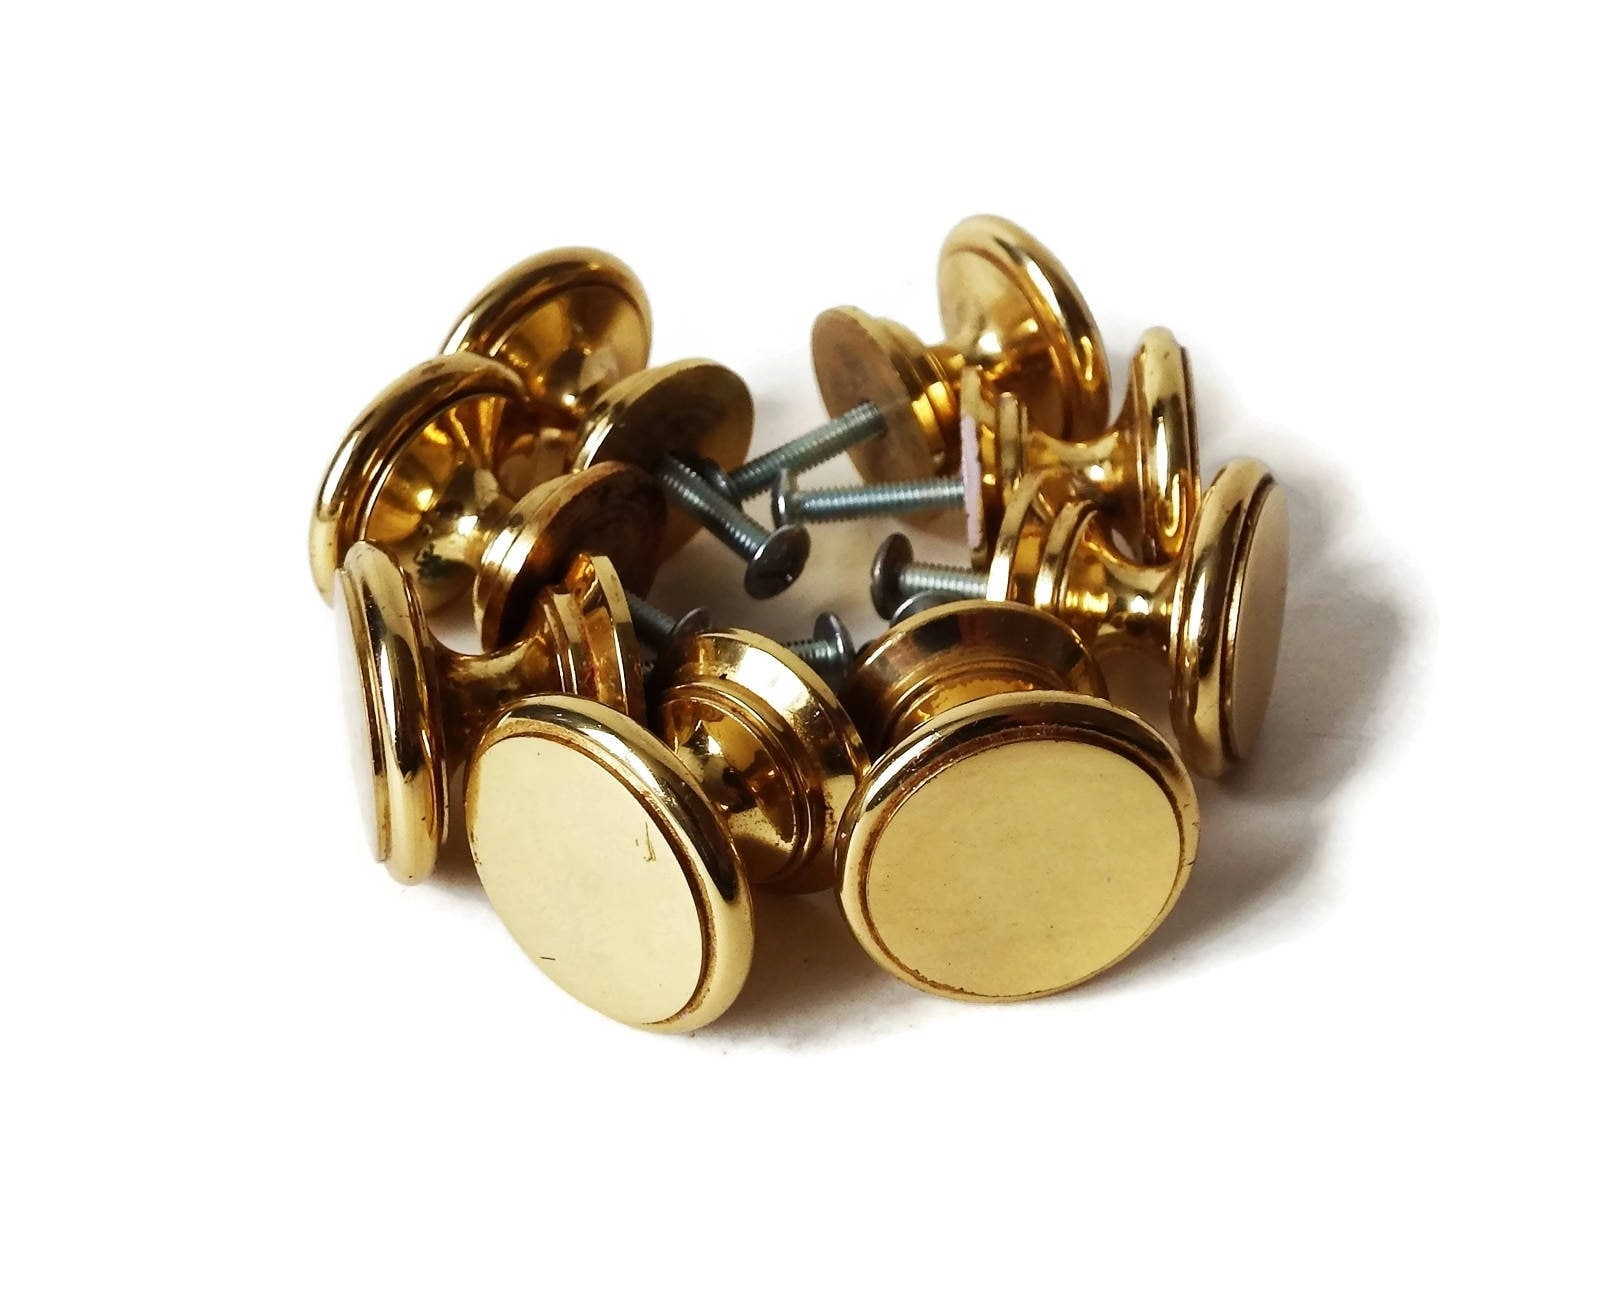 8 perillas vintage redondo latón con tornillos, tiradores de bronce ...